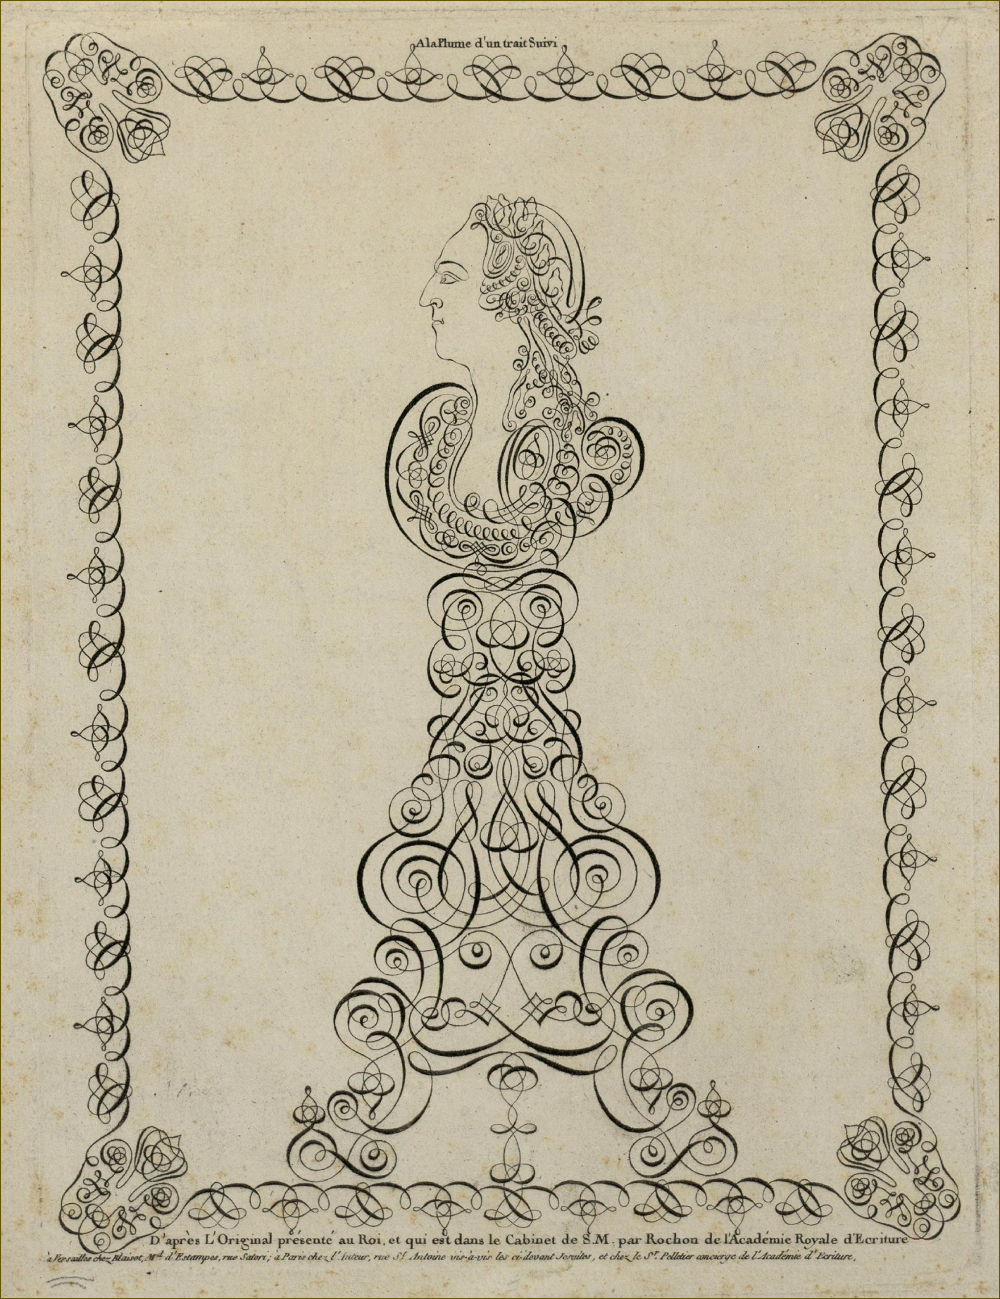 Louis XV, roi de France, dessin d'un seul trait continu, par le calligraphiste Rochon, futur maître d'écriture des enfants du comte d'Artois